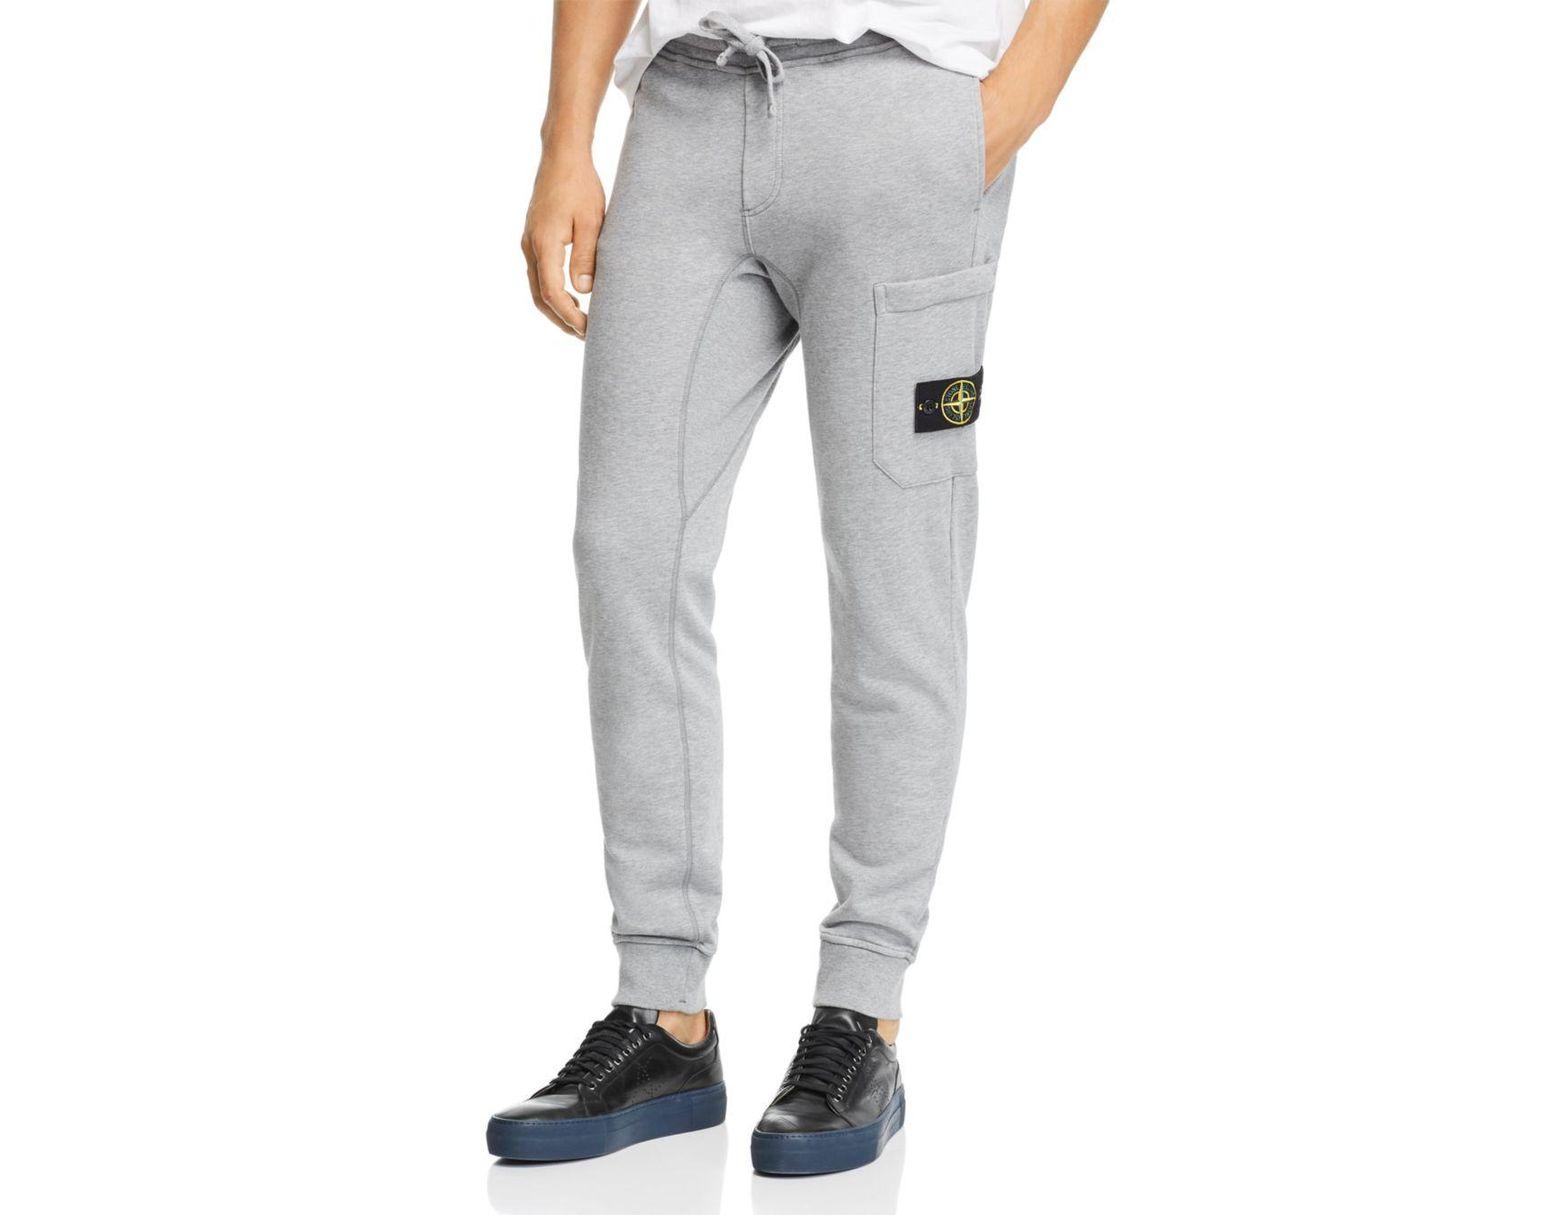 52c6e13708 Men's Gray Fleece Jogger Pants